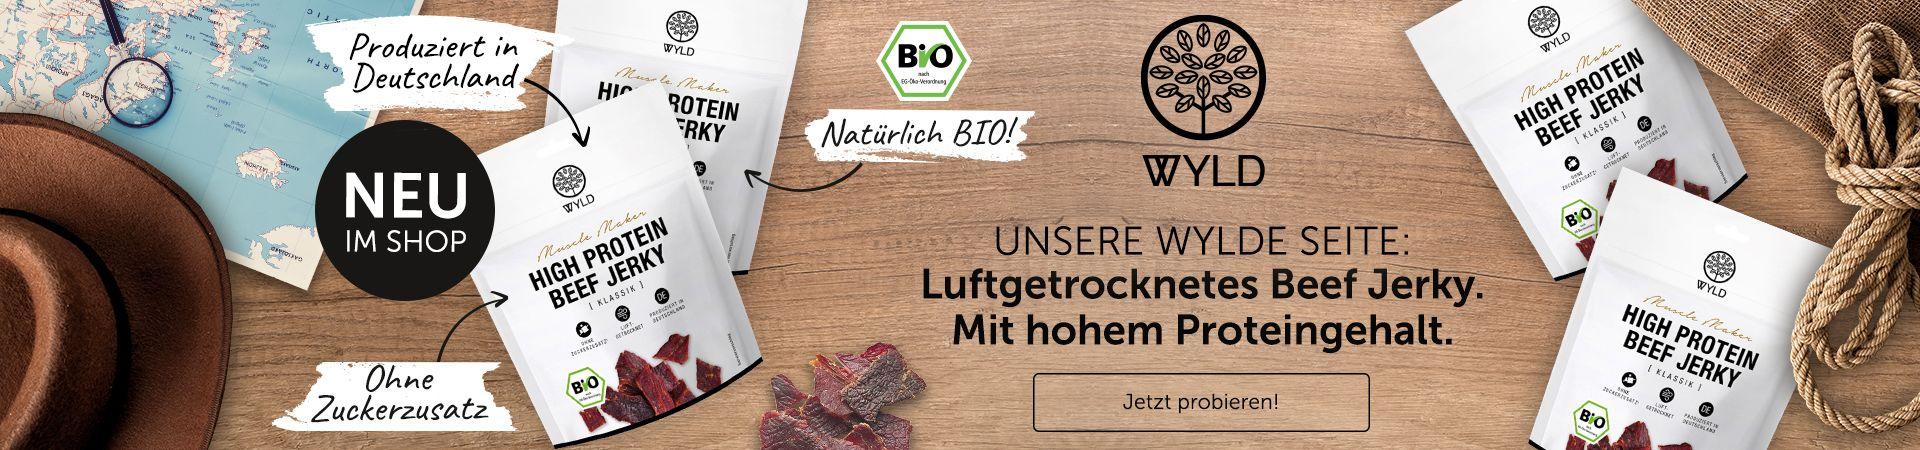 WYLD Beef Jerky in Bio-Qualität. Ohne Zuckerzusatz. Produziert in Deutschland. Mit hohem Proteingehalt.